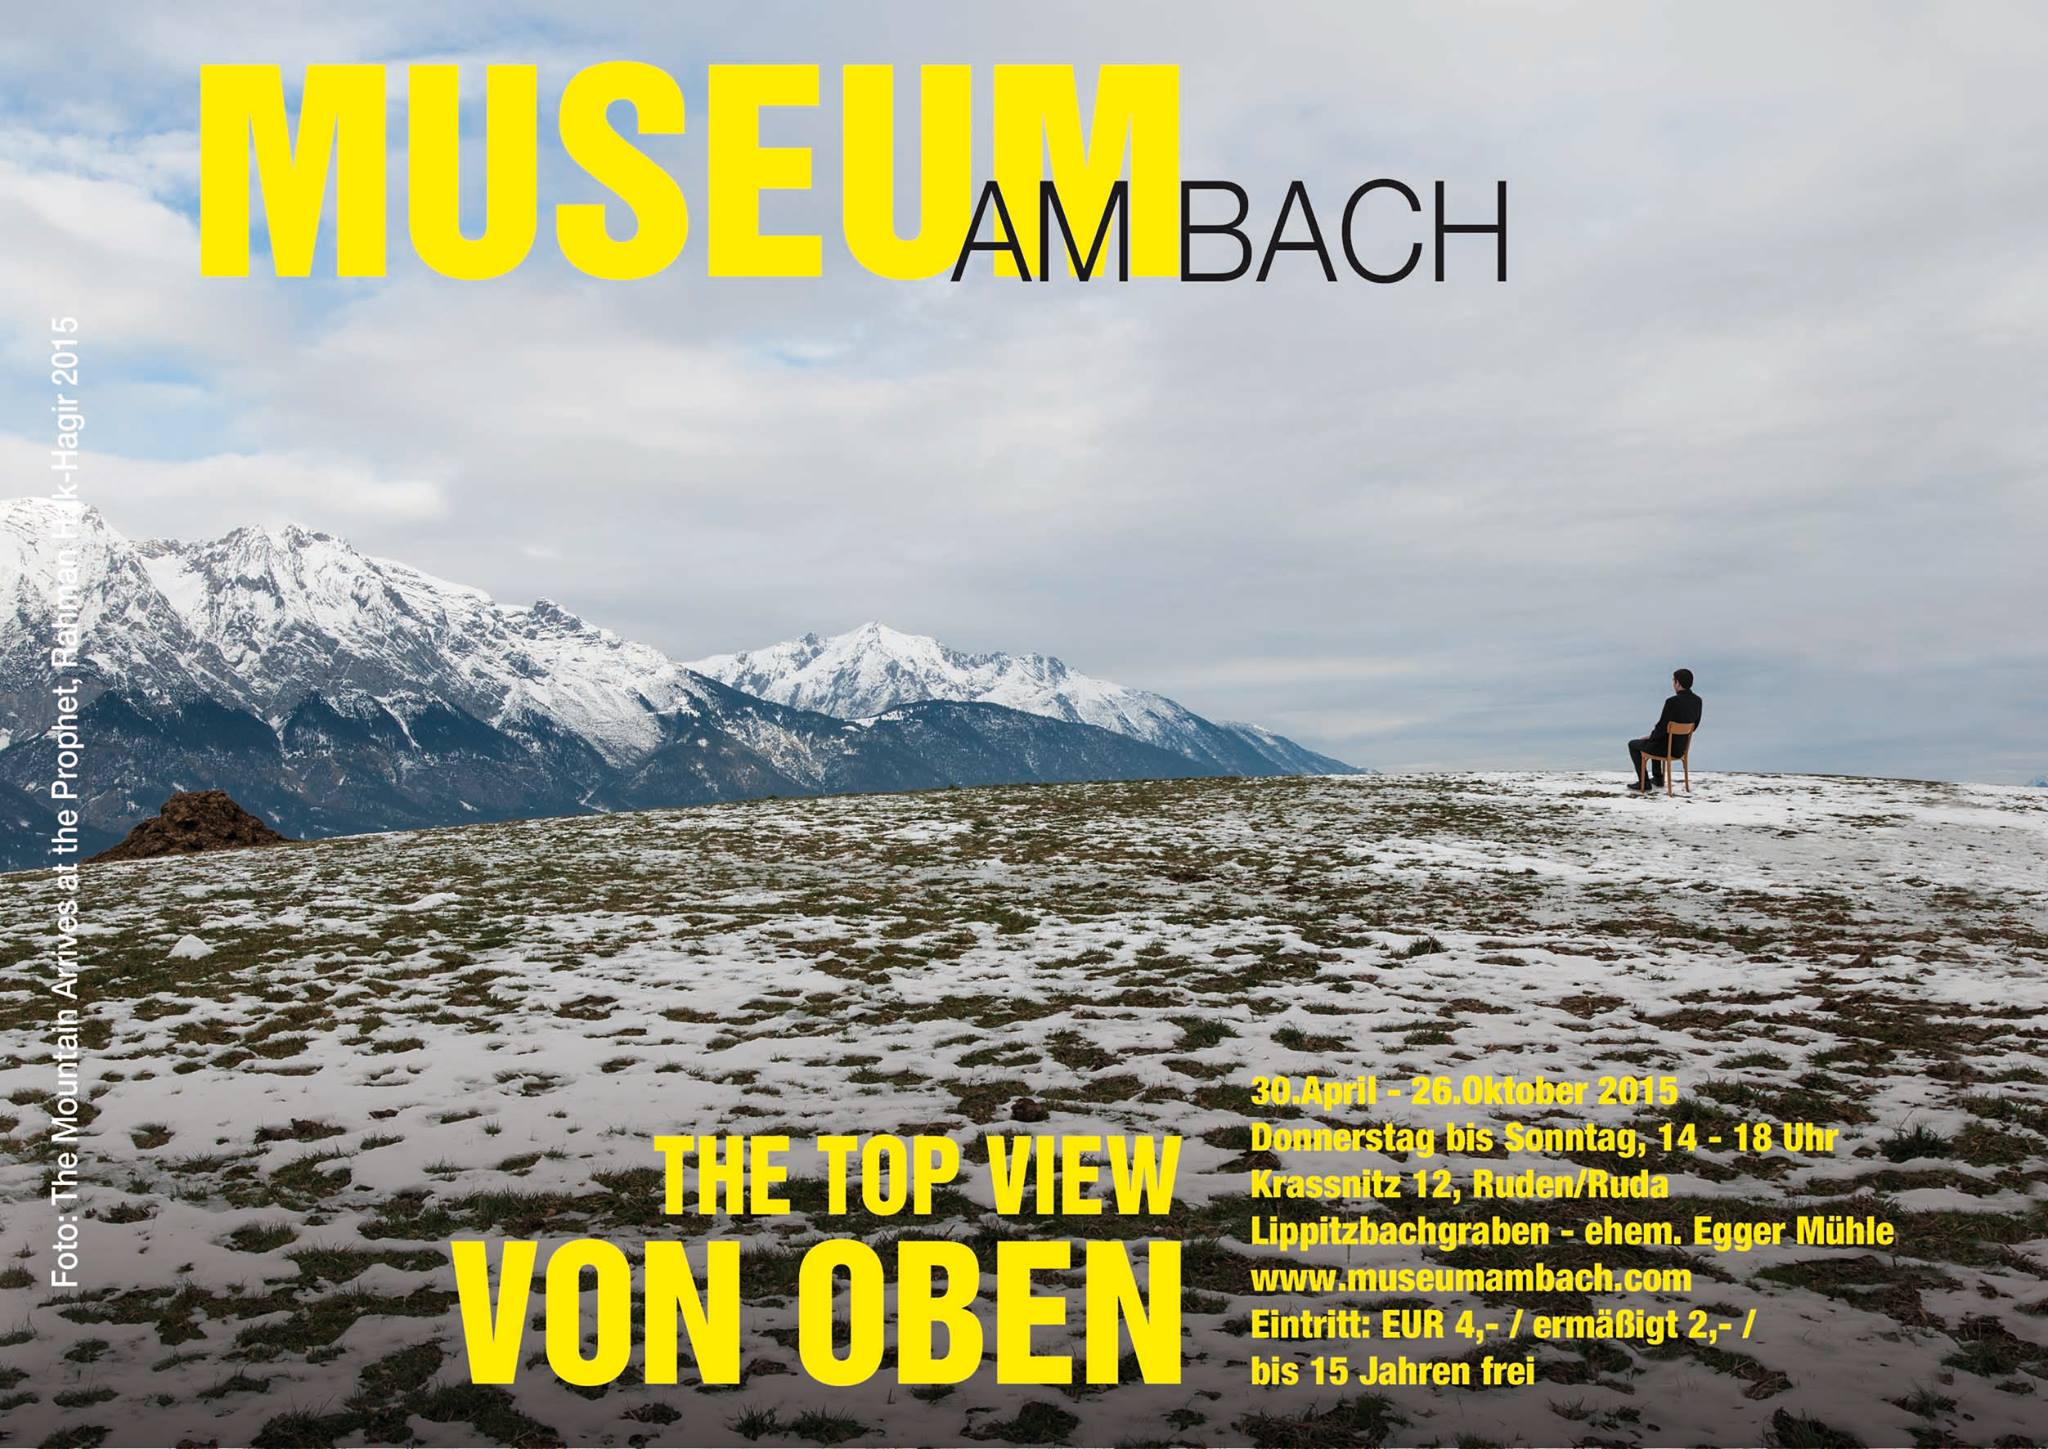 MUAB - Museum am Bach, Rahman Hak-Hagir